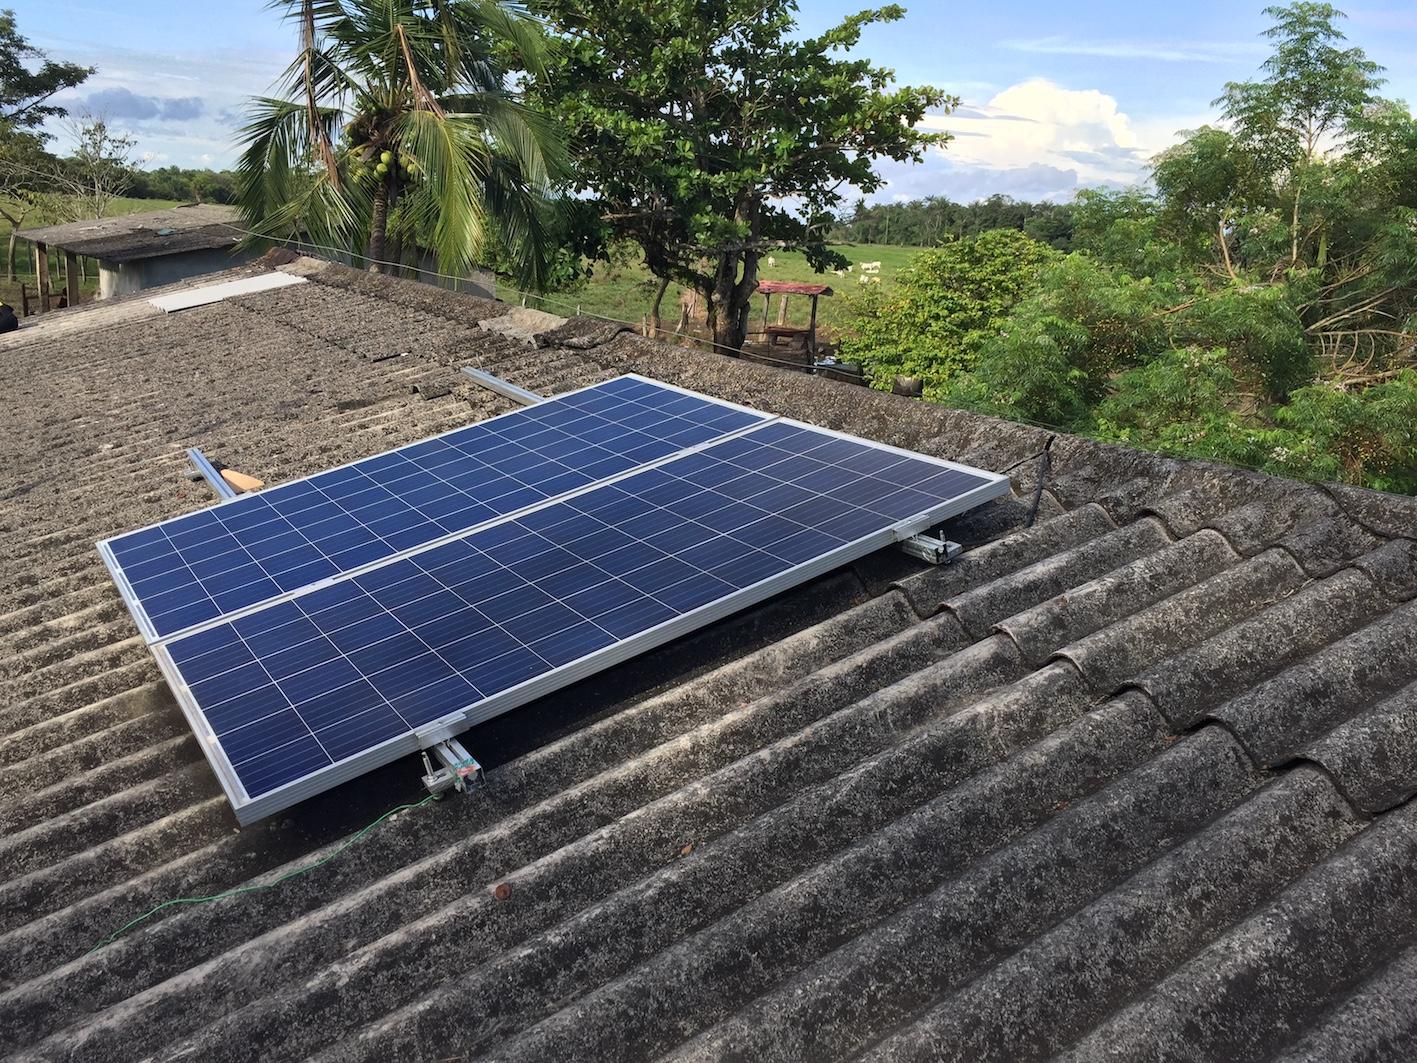 Llevando Energia A Comunidades Remotas En Colombia Nuestros Alumnos Causan Un Impacto Global Capacitacion Para Instaladores Solares Curso De Instalacion De Sistemas Solares Fotovoltaicos Cursos De Energia Solar